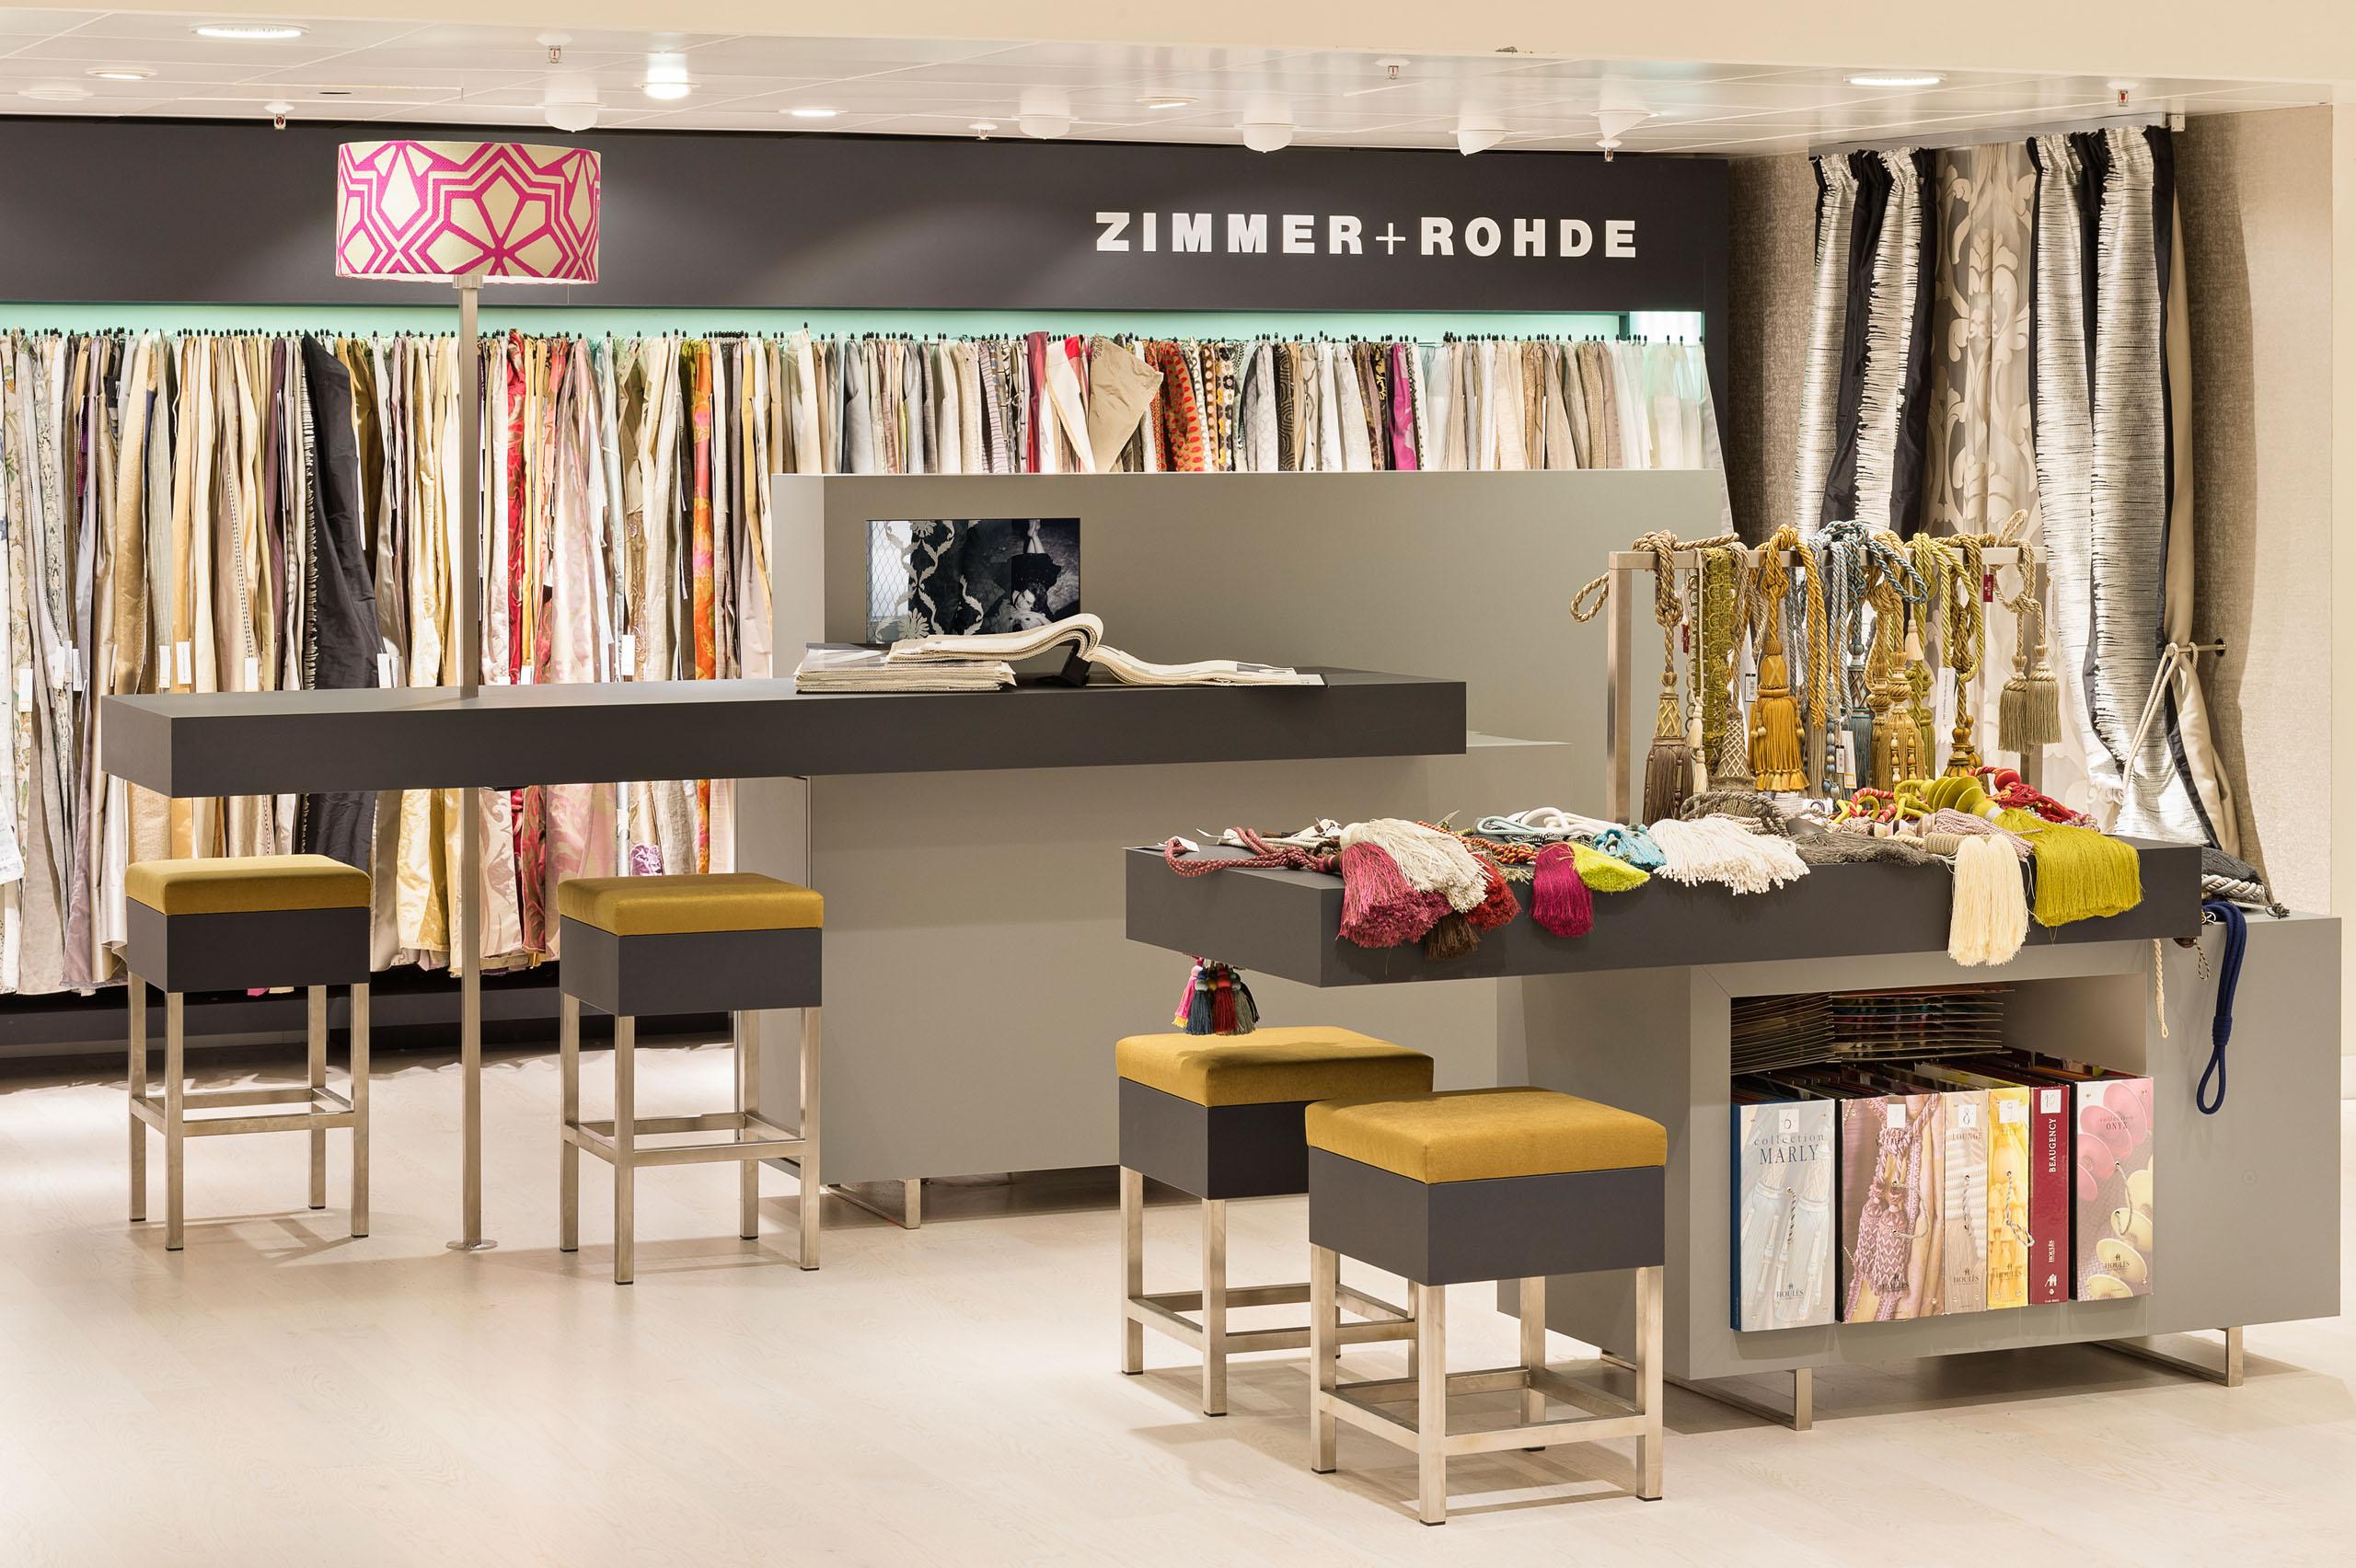 ulf bueschleb lars leppin shop in shop kadewe. Black Bedroom Furniture Sets. Home Design Ideas